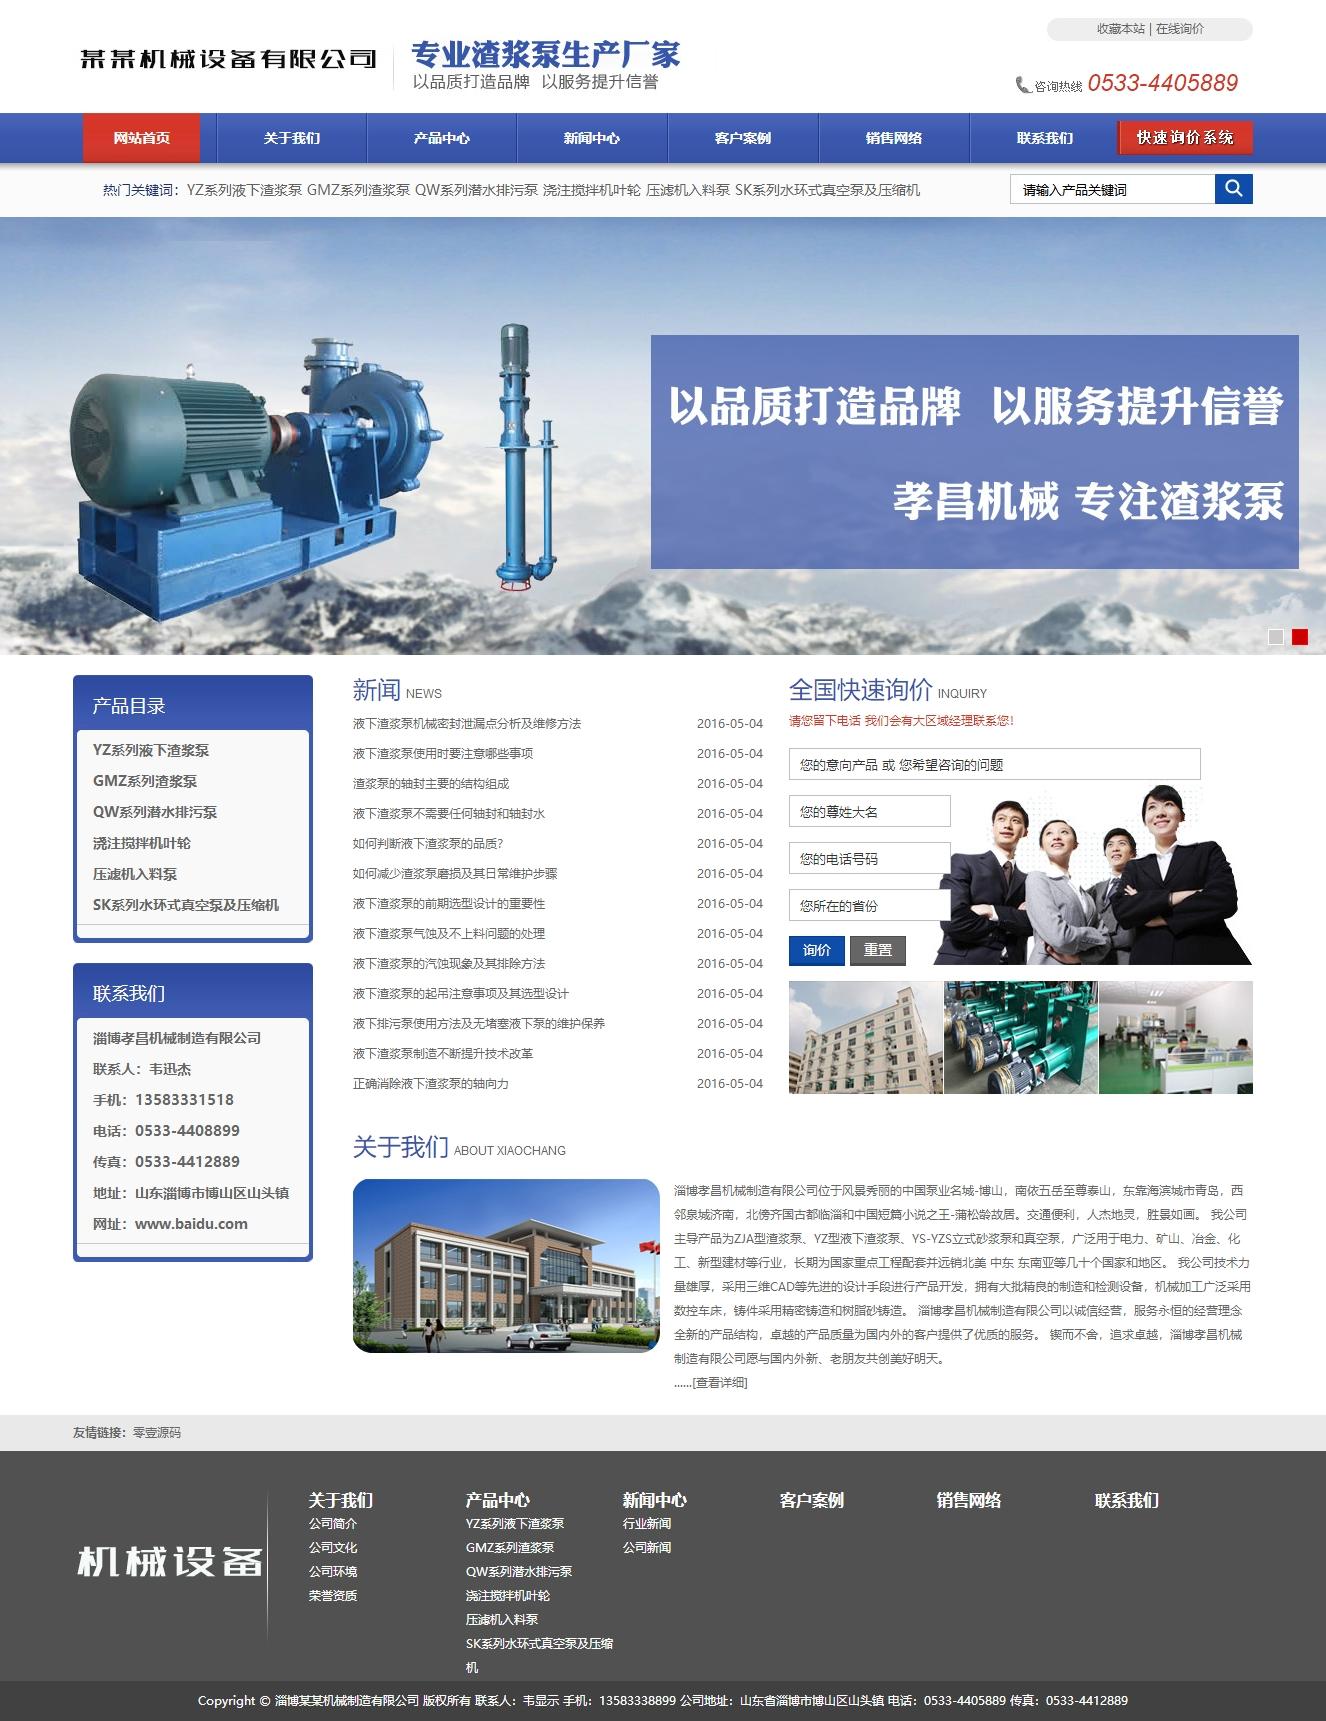 机械设备制造类企业网站织梦dedecms模板(带手机端)